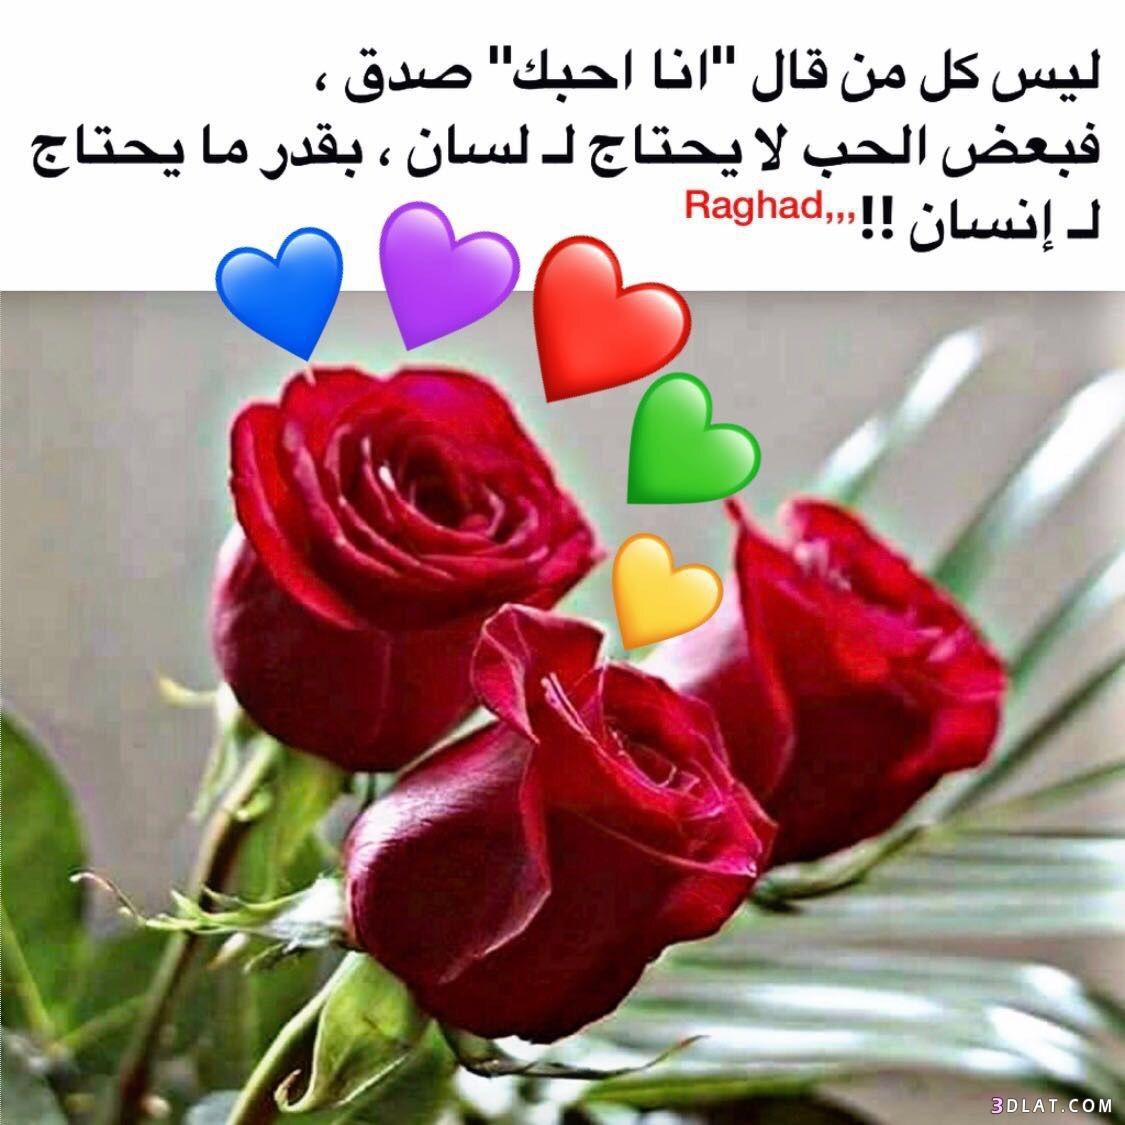 صور ورد بعبارات رومانسيه 2020 اجمل الورود الرومانسيه 2020